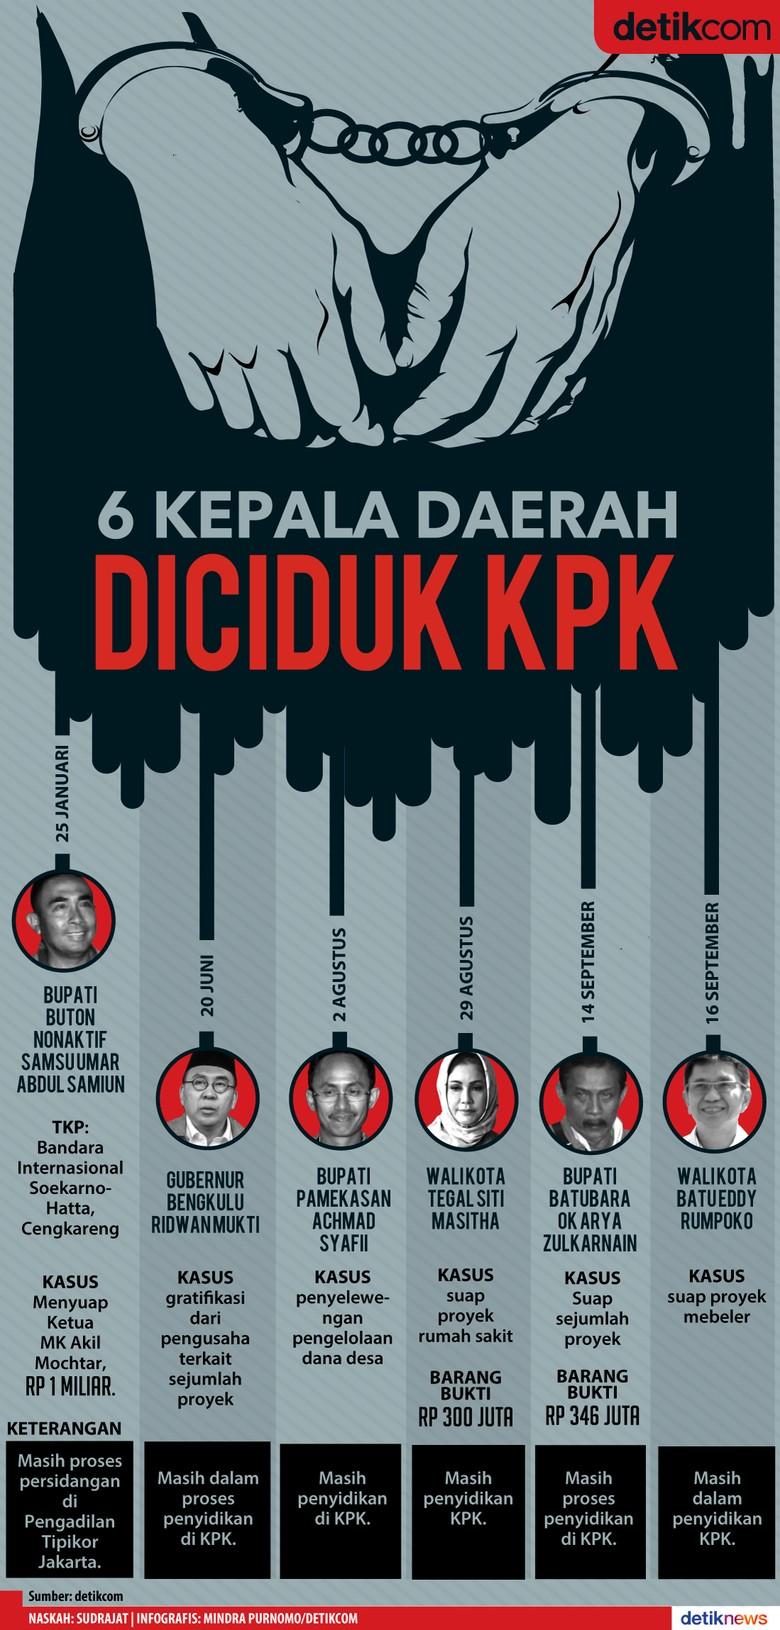 2017, Enam Kepala Daerah Kena OTT KPK